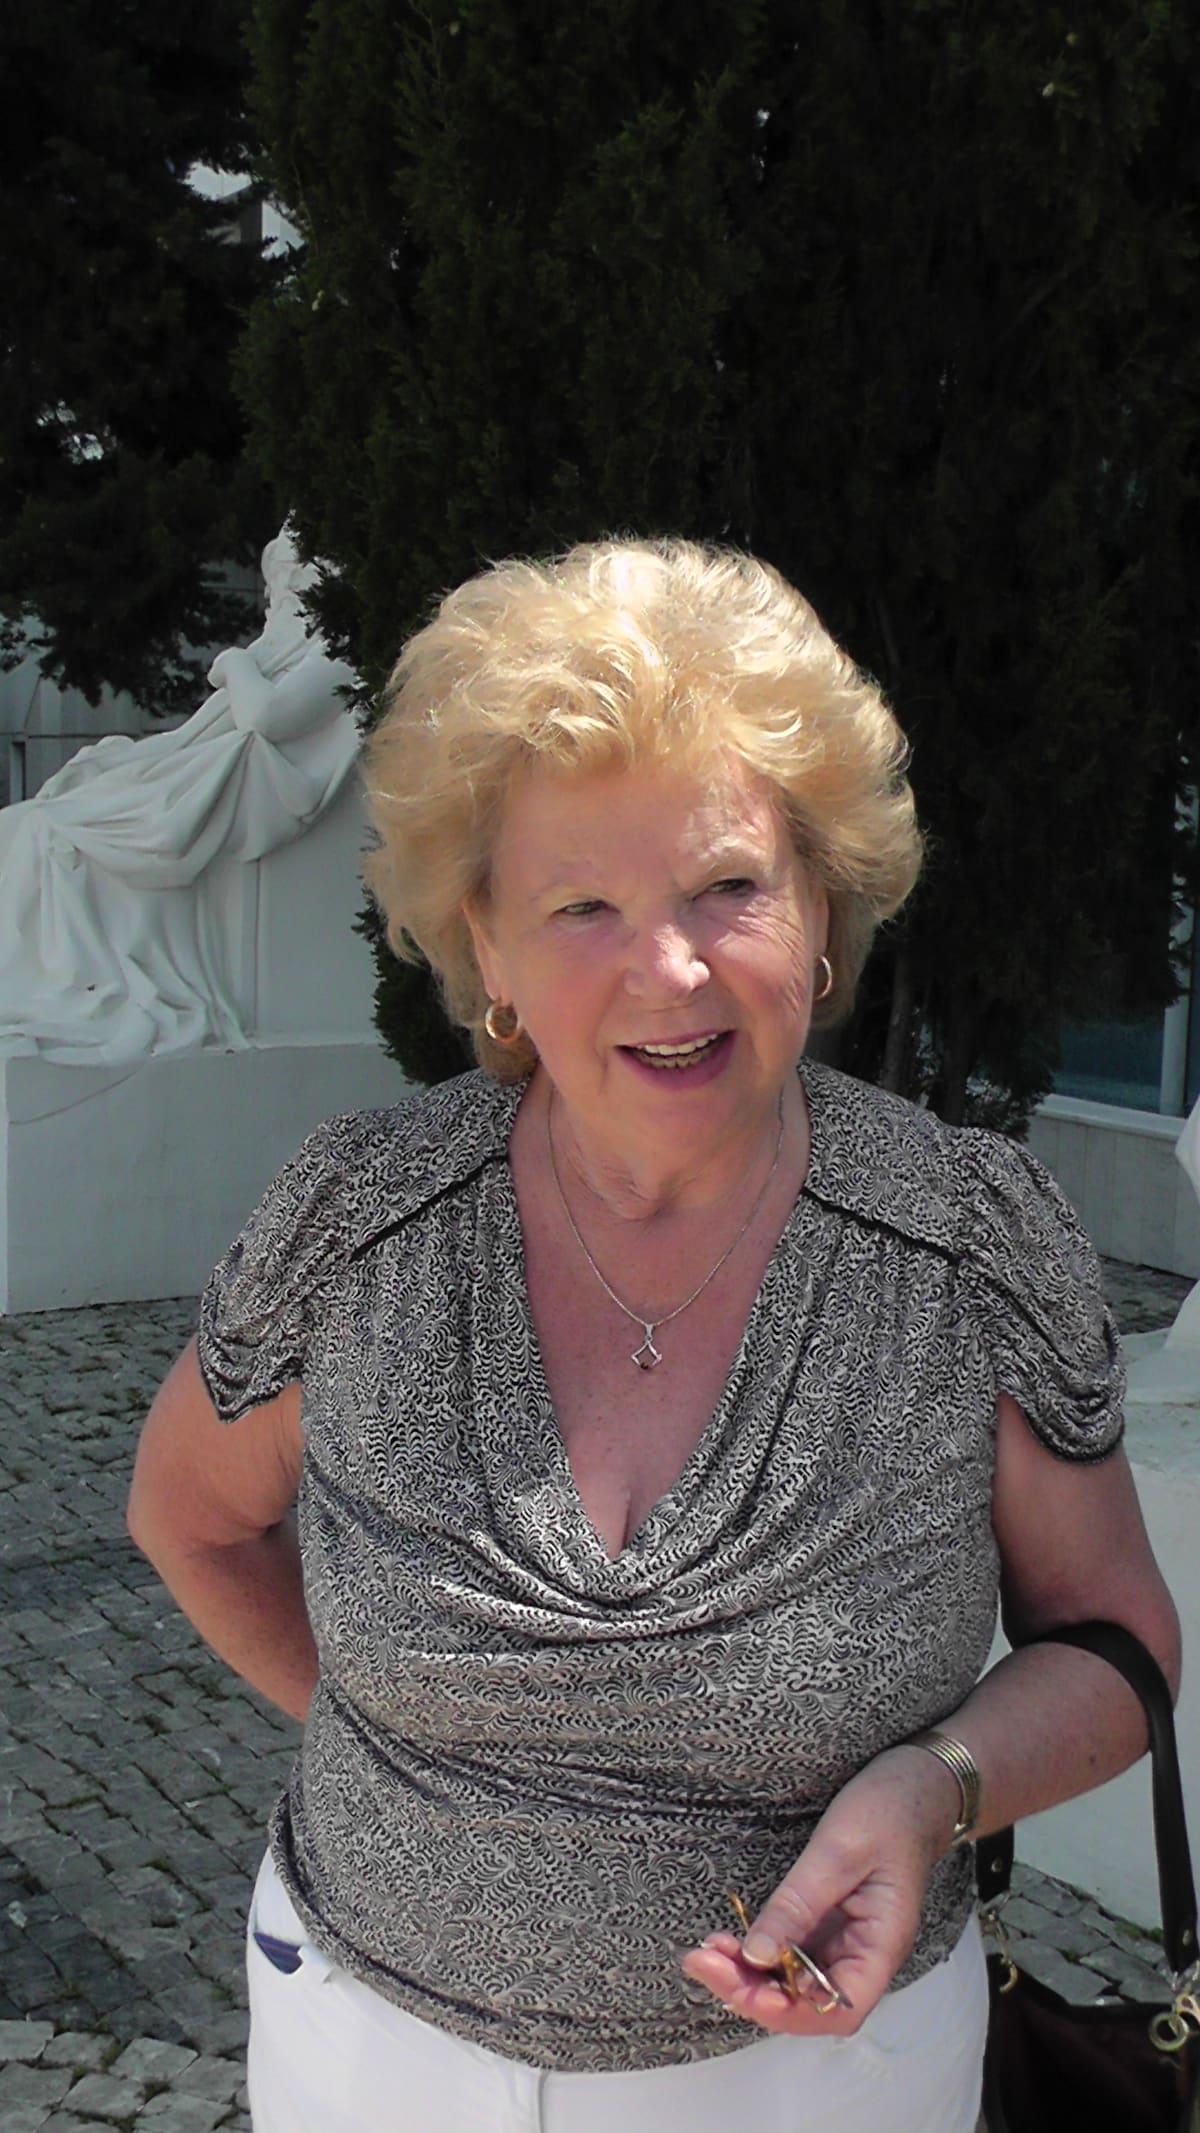 Inge Ursel From Kühlungsborn, Germany